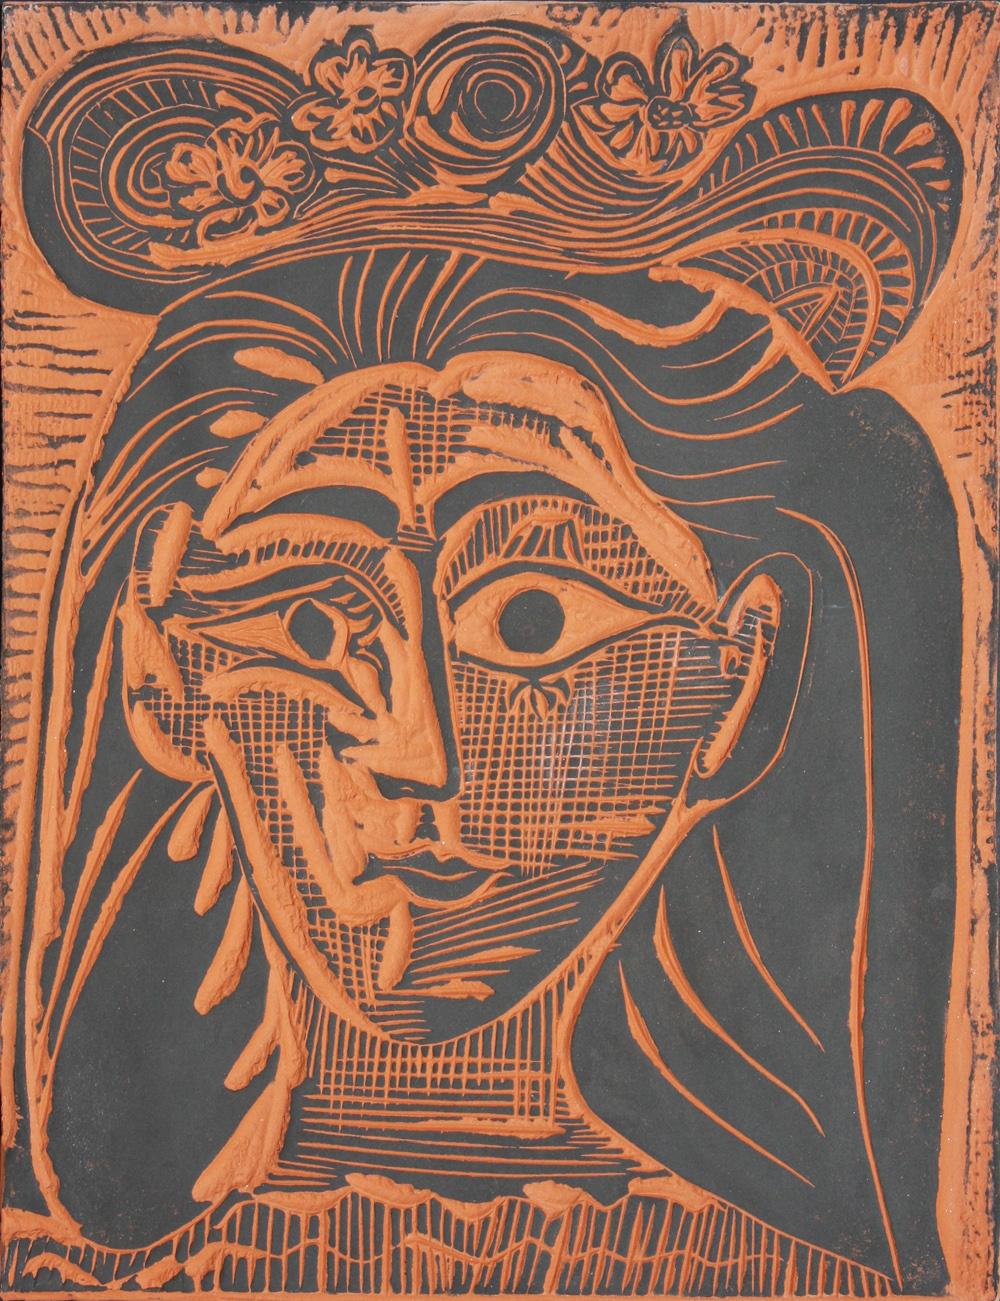 Femme au Chapeau Fleuri, 1964 by Pablo Picasso - Denis Bloch Fine Art